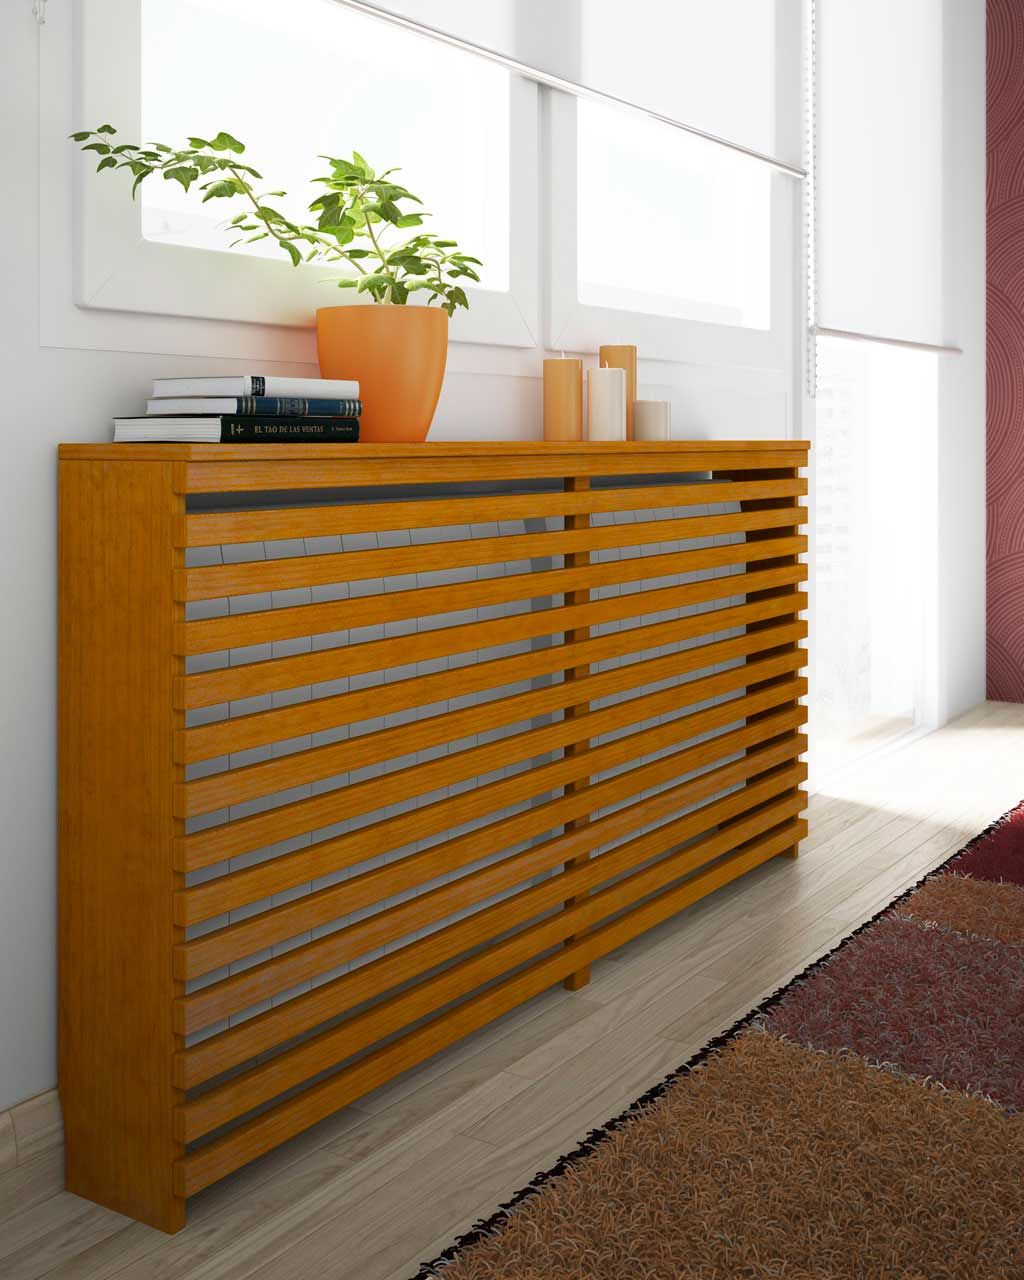 Cubreradiador clasico lamine cubreradiadores bedroom - Cubreradiadores clasicos ...